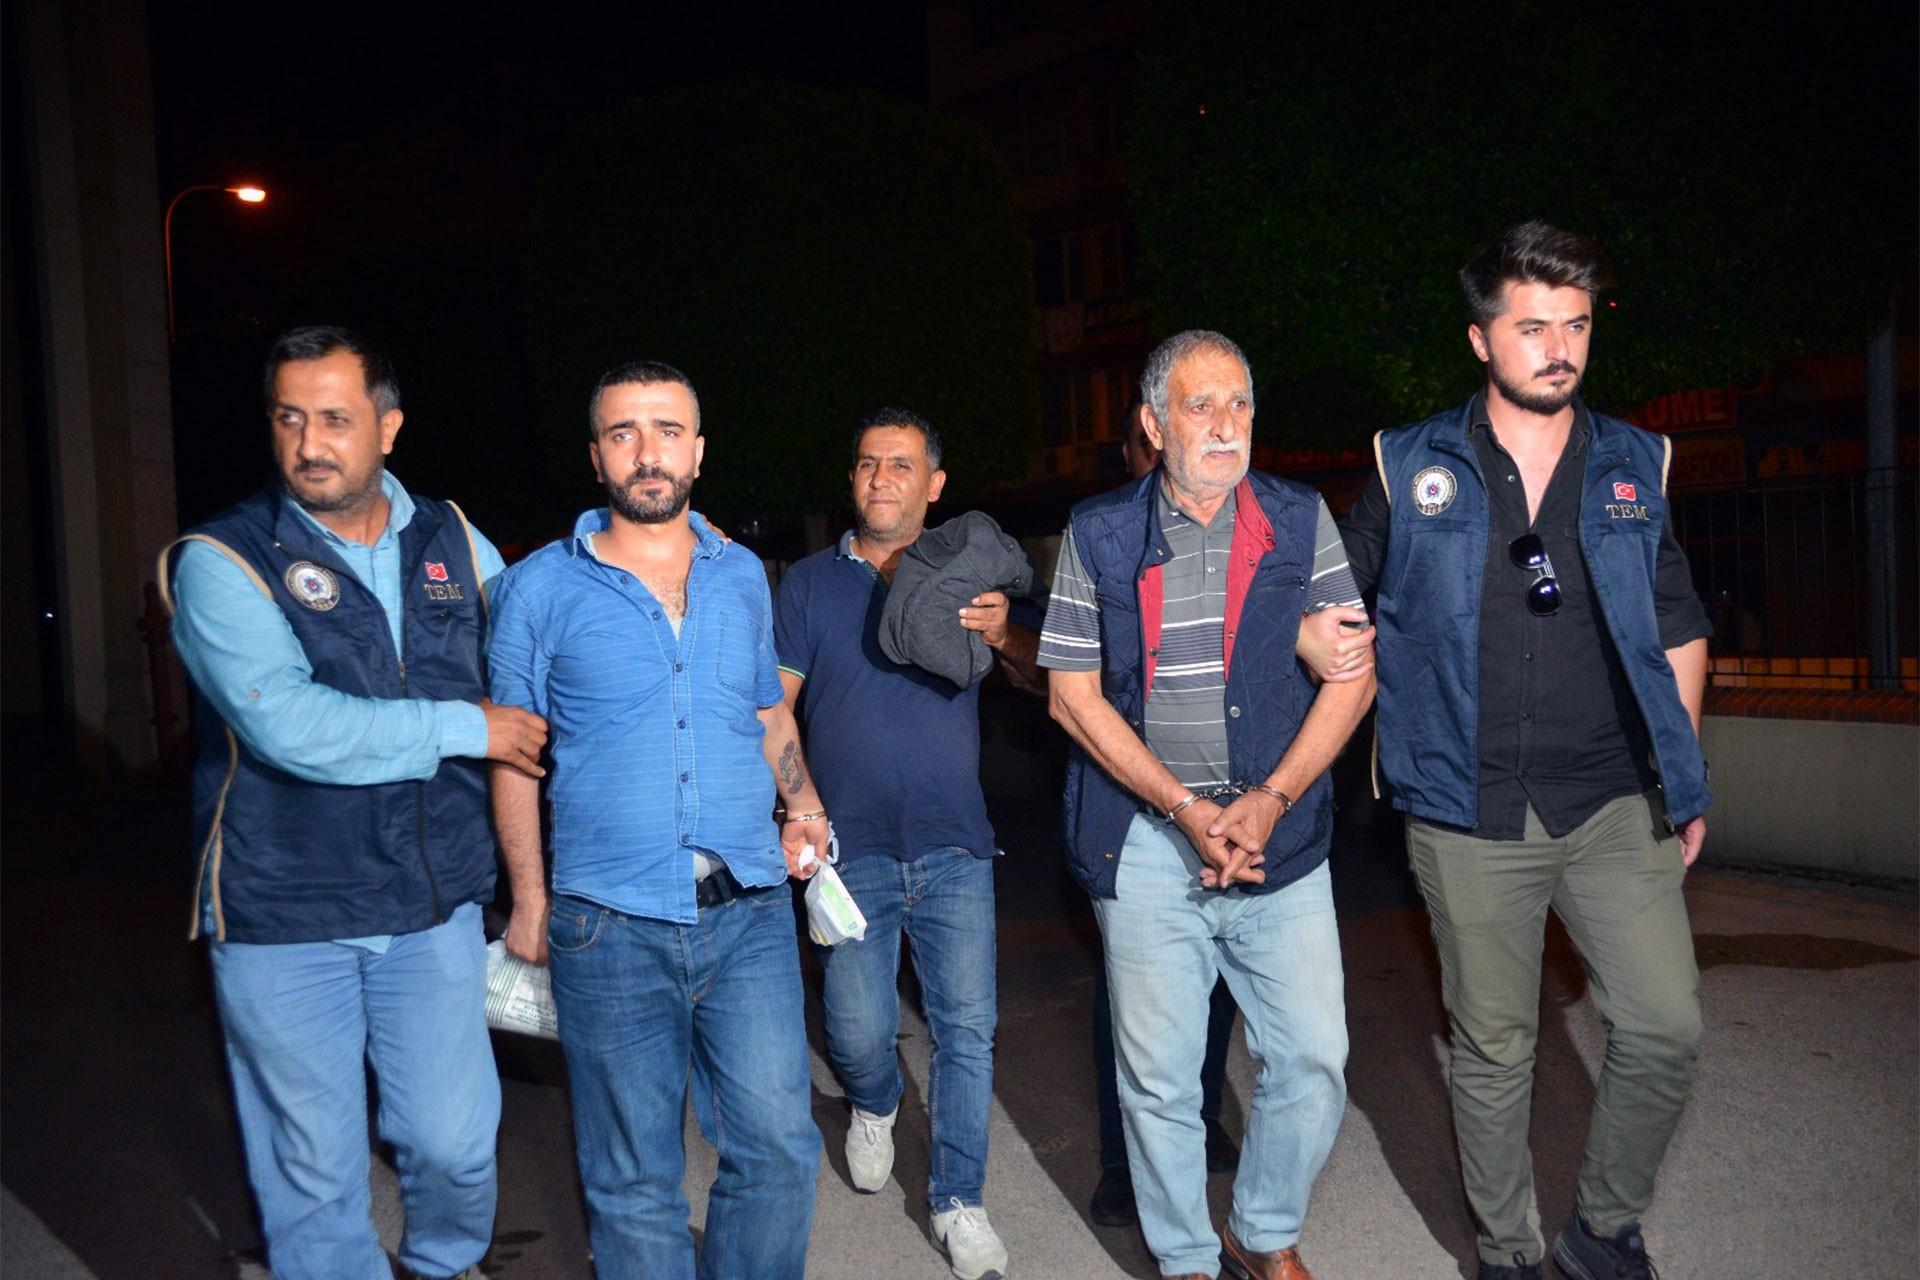 Çatışma durdu, sosyal medya operasyonları sürüyor: 4 tutuklama